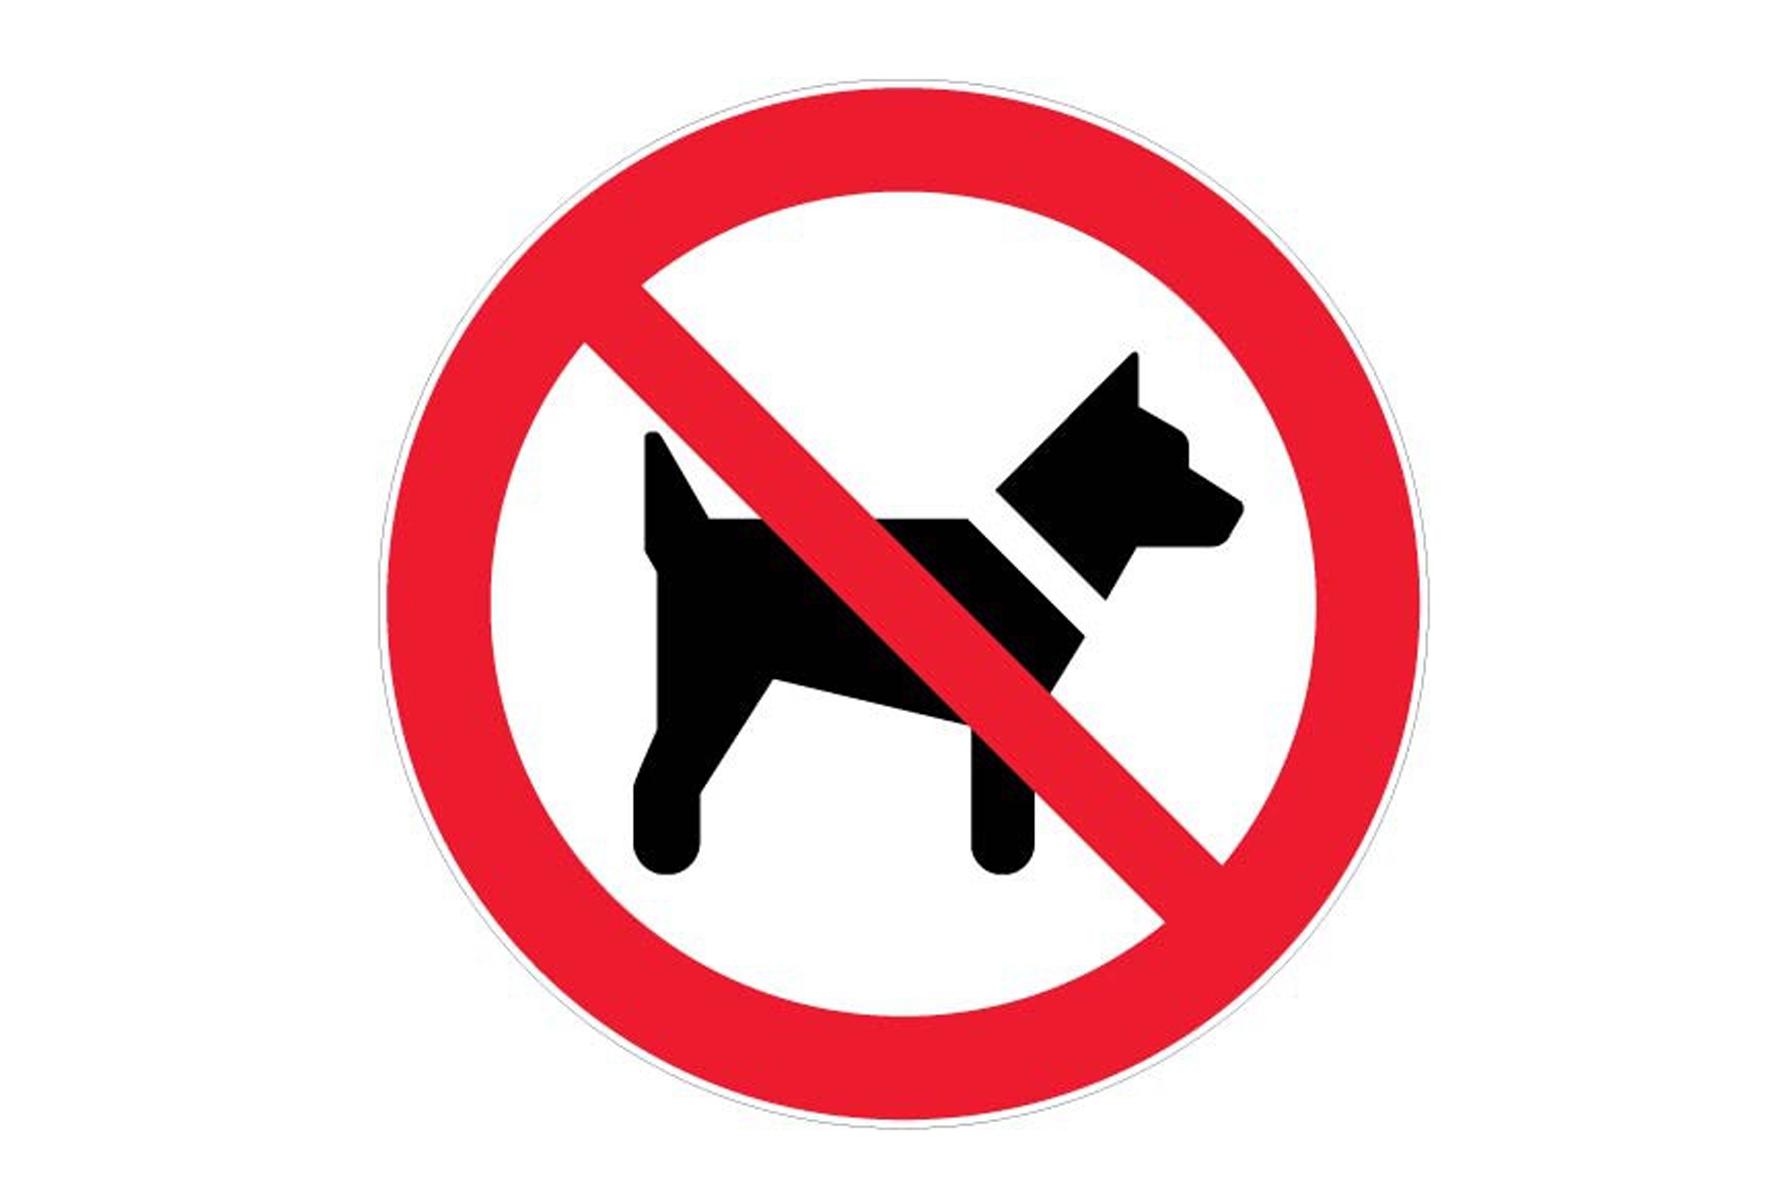 panneau pvc rond chien interdit achat en ligne ou dans notre magasin. Black Bedroom Furniture Sets. Home Design Ideas